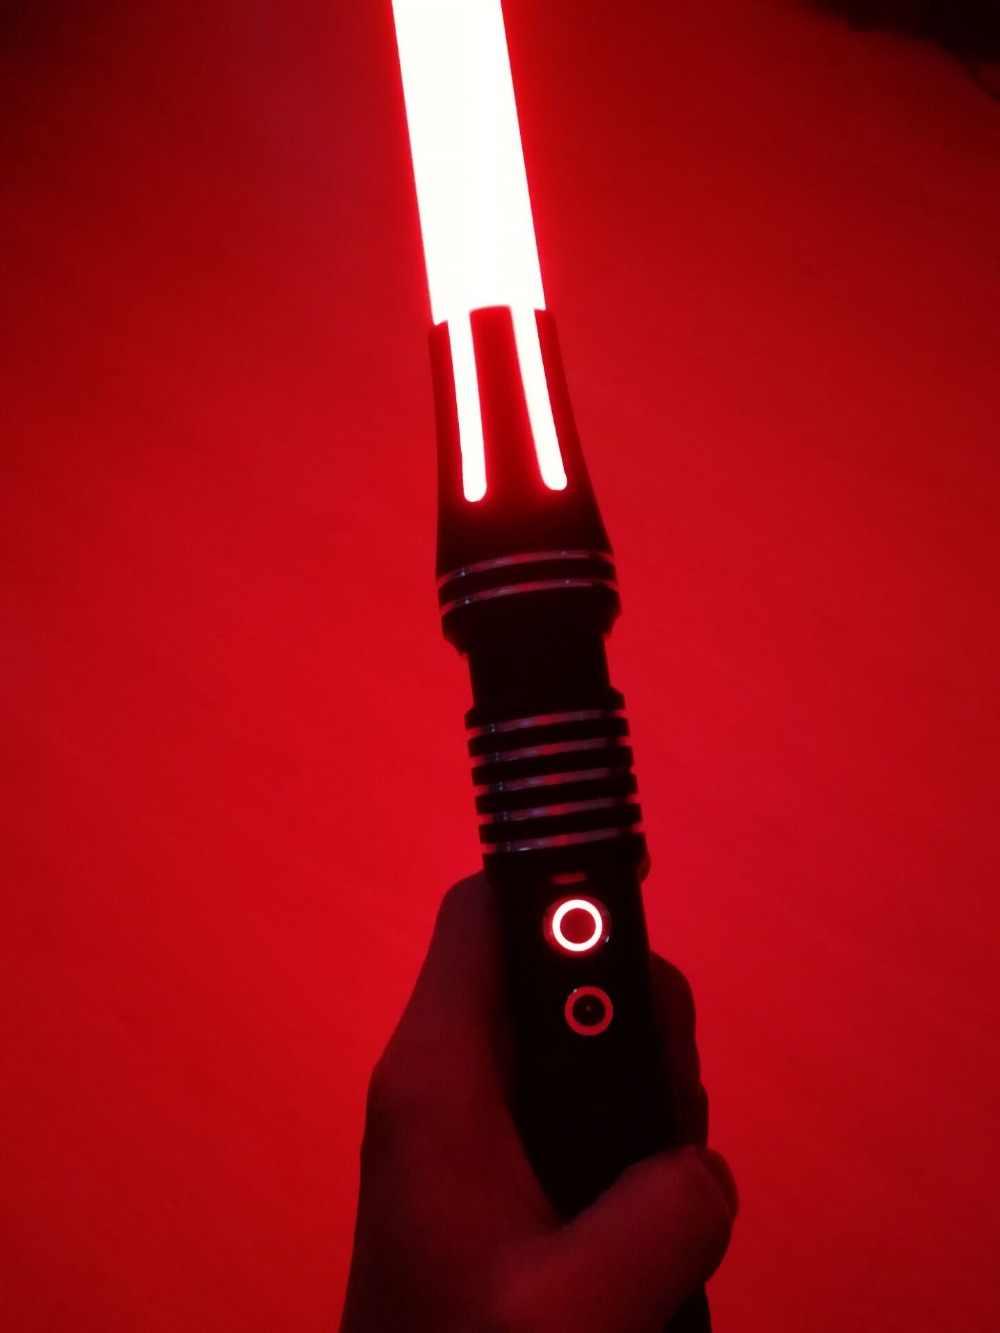 11 цветов световой меч мальчик игрушечный меч световой меч RGB меч Косплей интересные звезды лазерное излучение наружная креативная детская игрушка